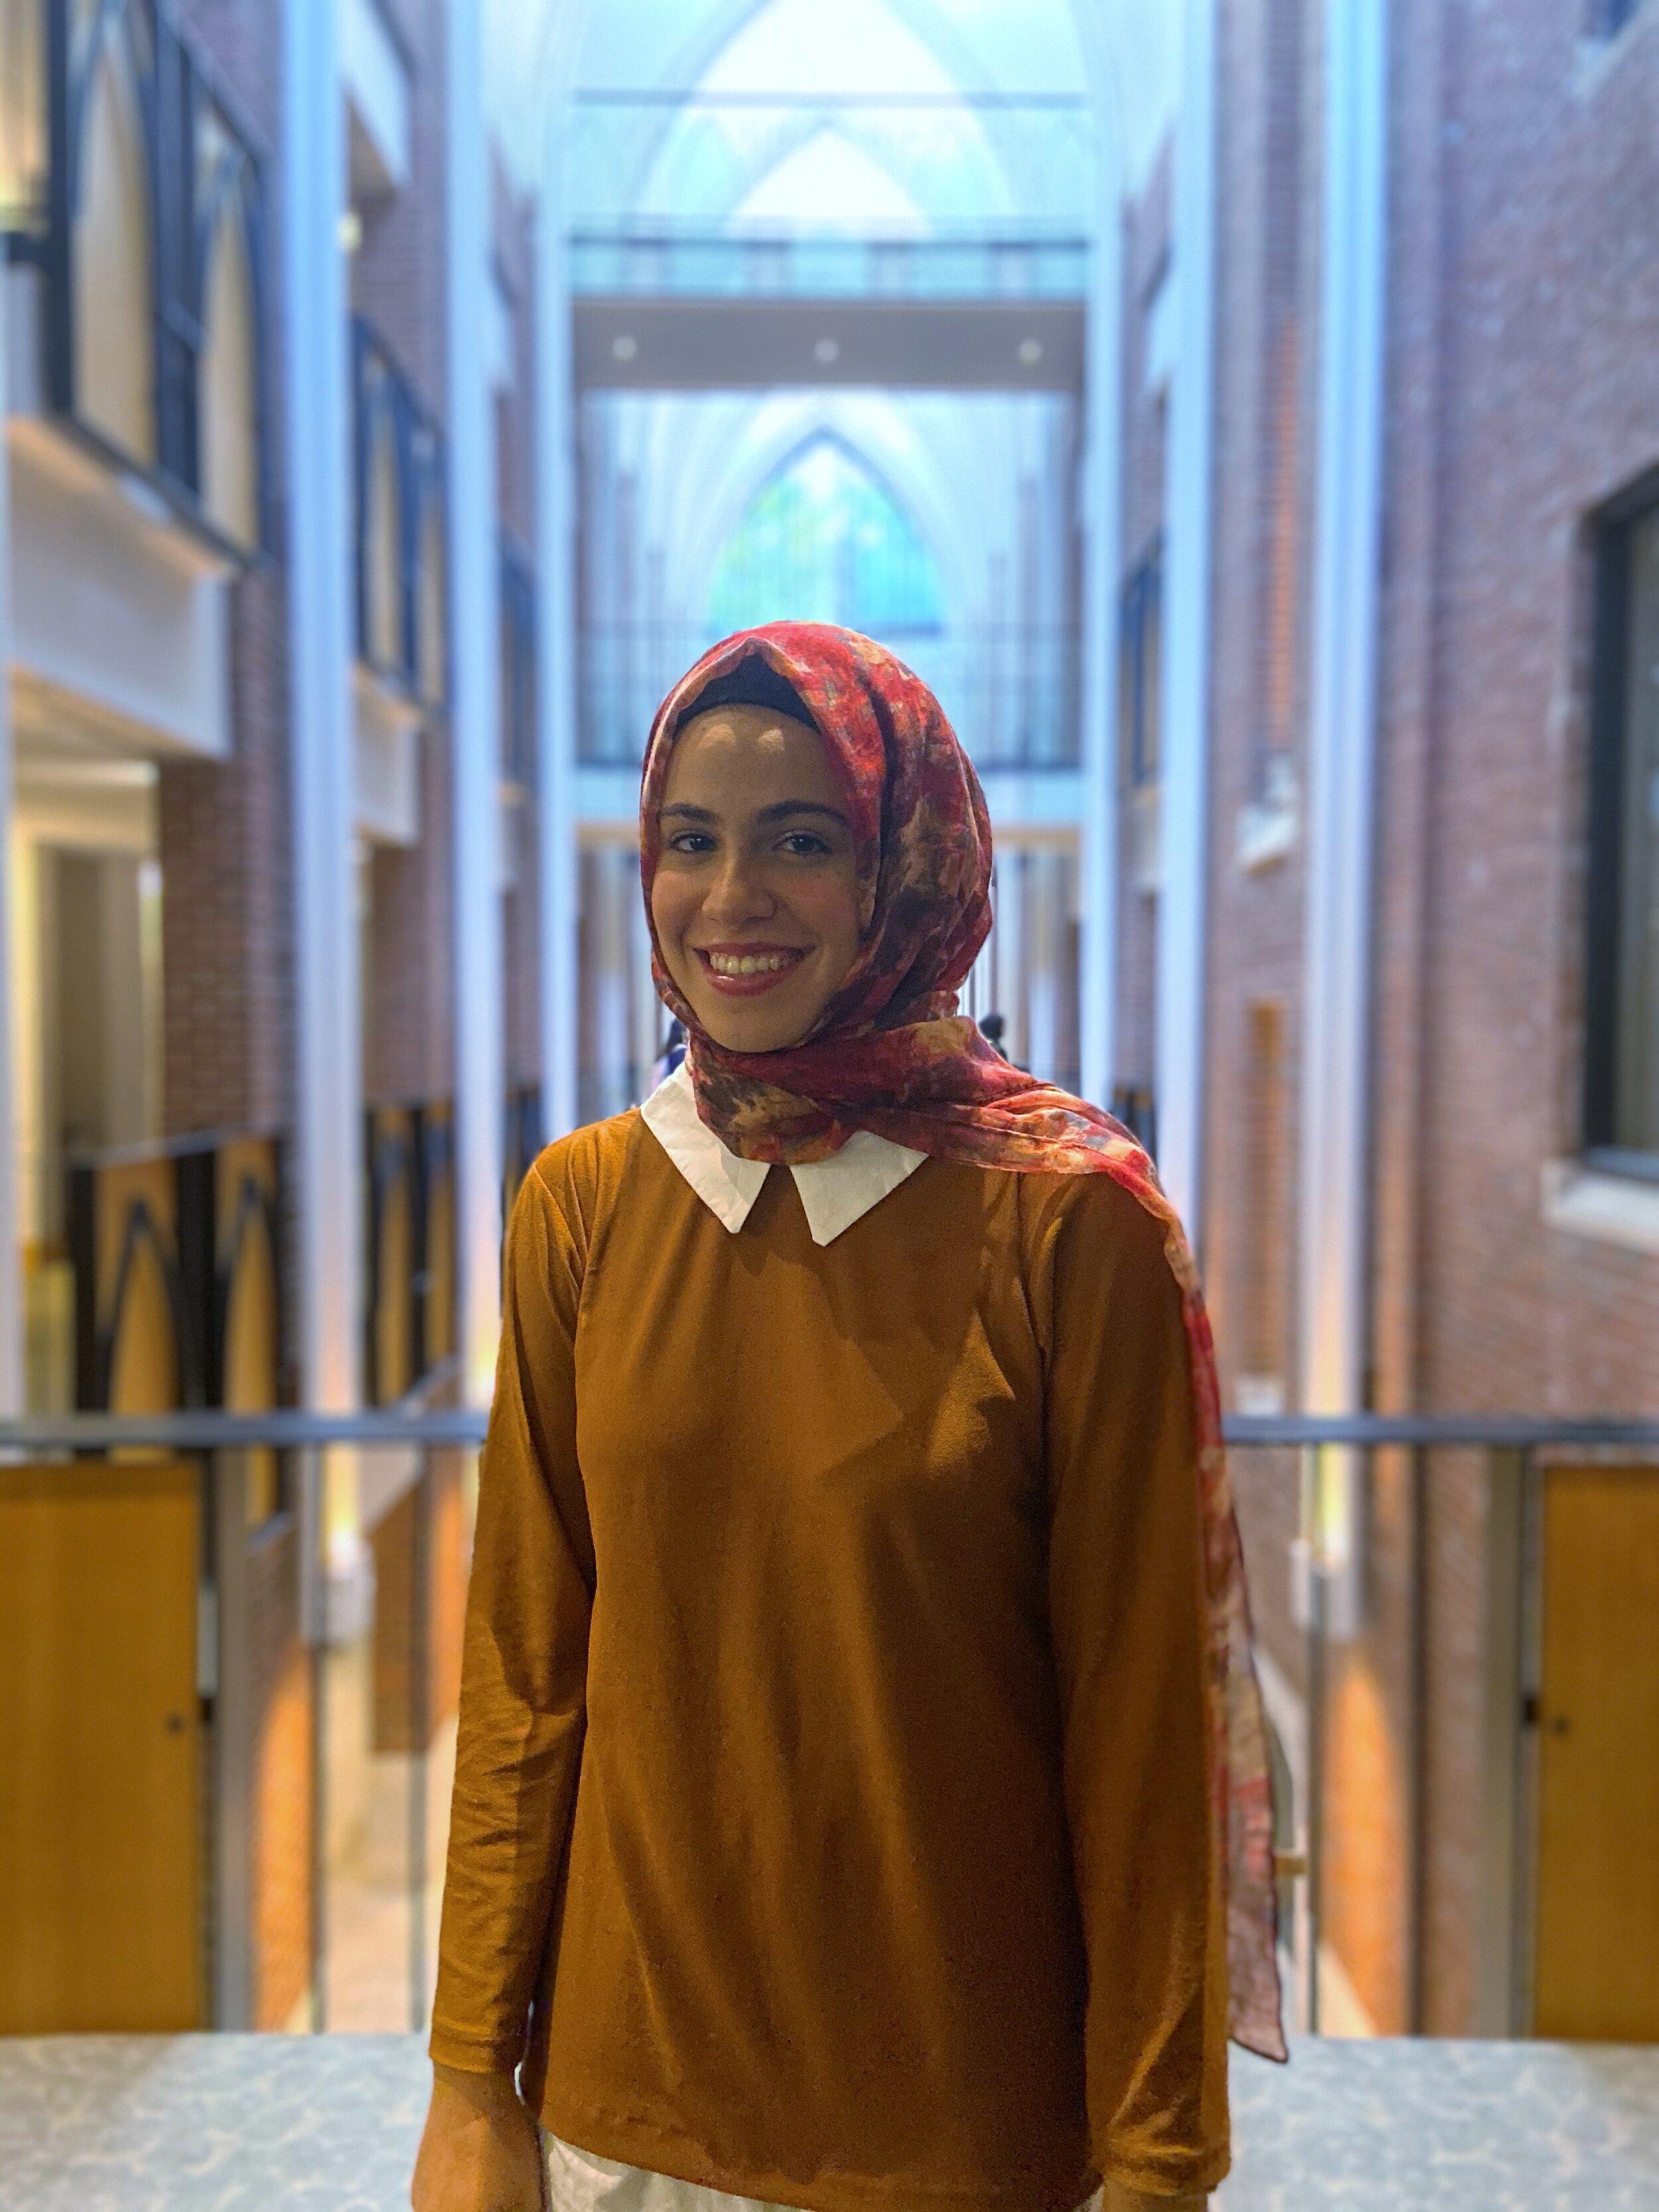 Crisis Director - Mariam Nadi